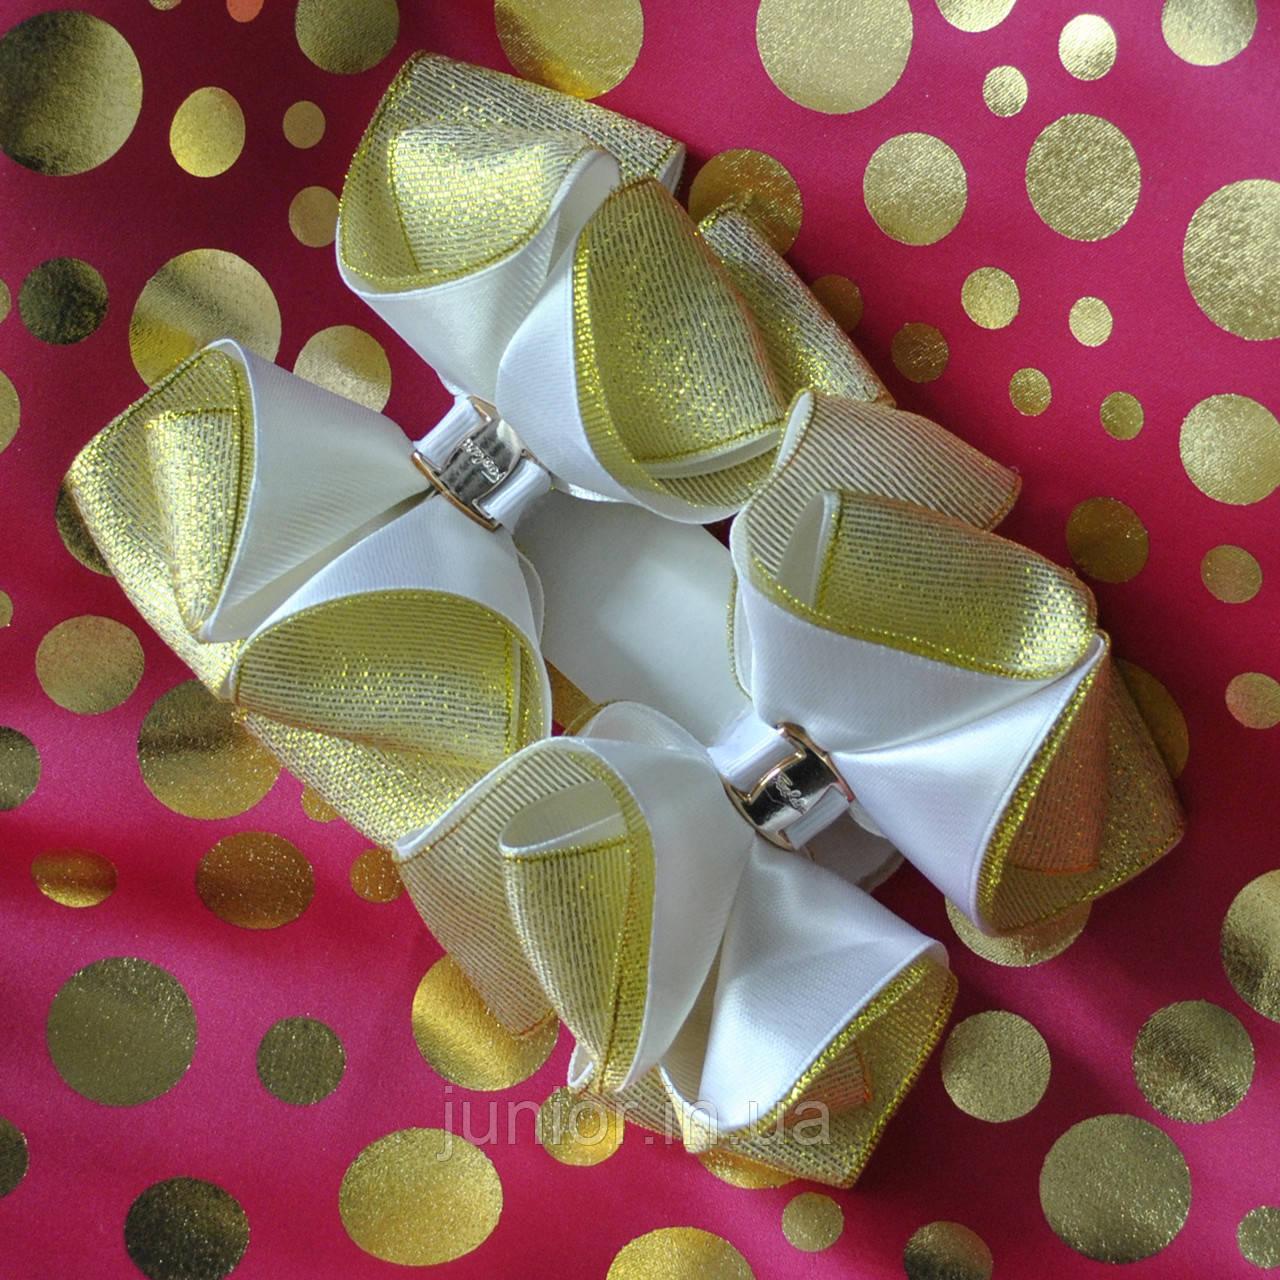 Золоті бантики на гумці для дівчинки.